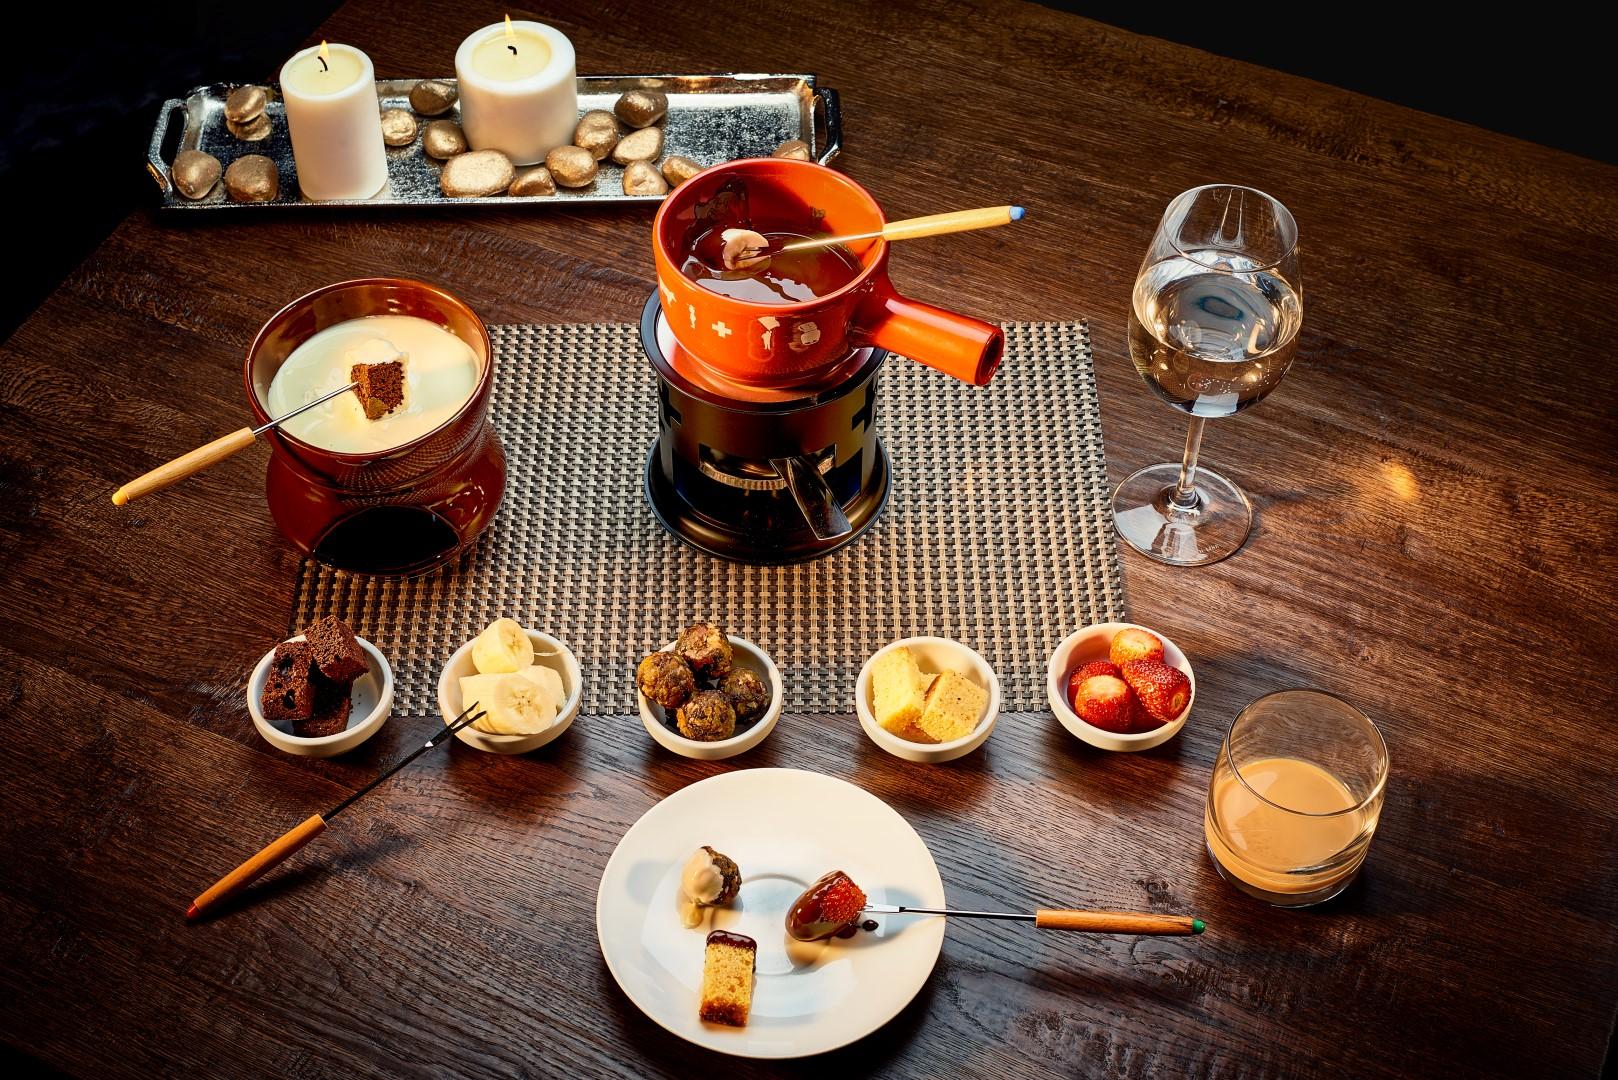 Sweet fondue